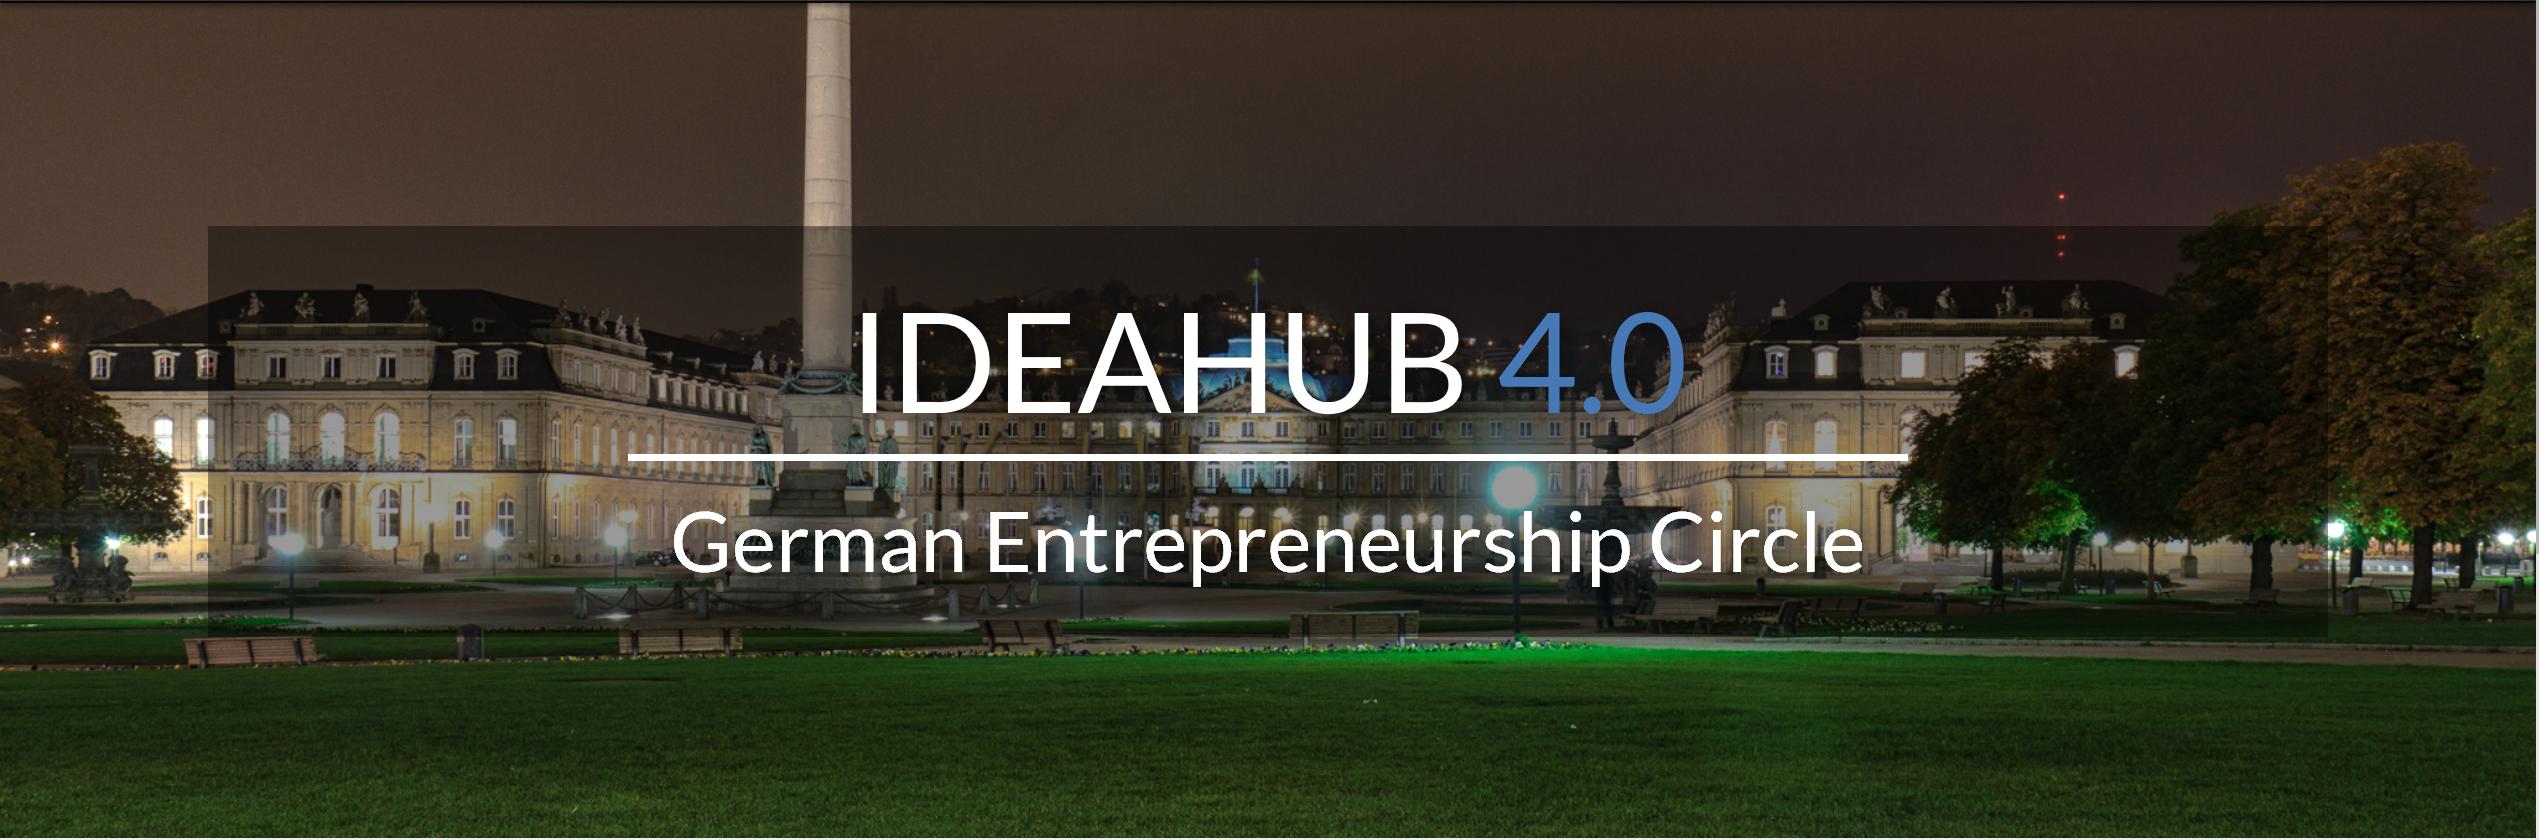 GEC IdeaHub 4.0 | 03-05 November 2017 Stuttgart